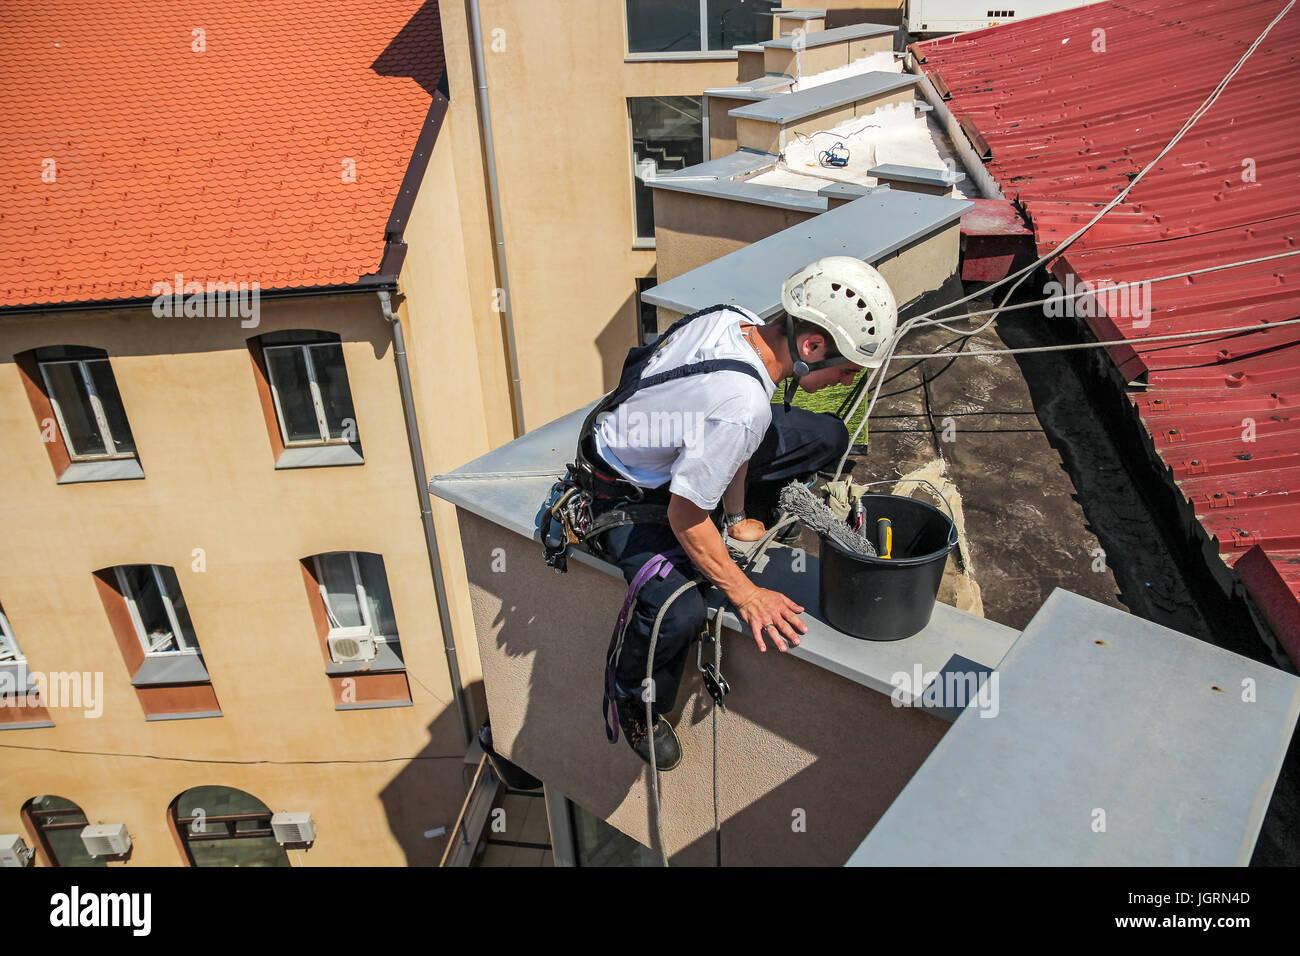 Industrielle Klettern - Fassade Reinigung zur Verfügung.  Hohes Risiko Arbeit Stockbild